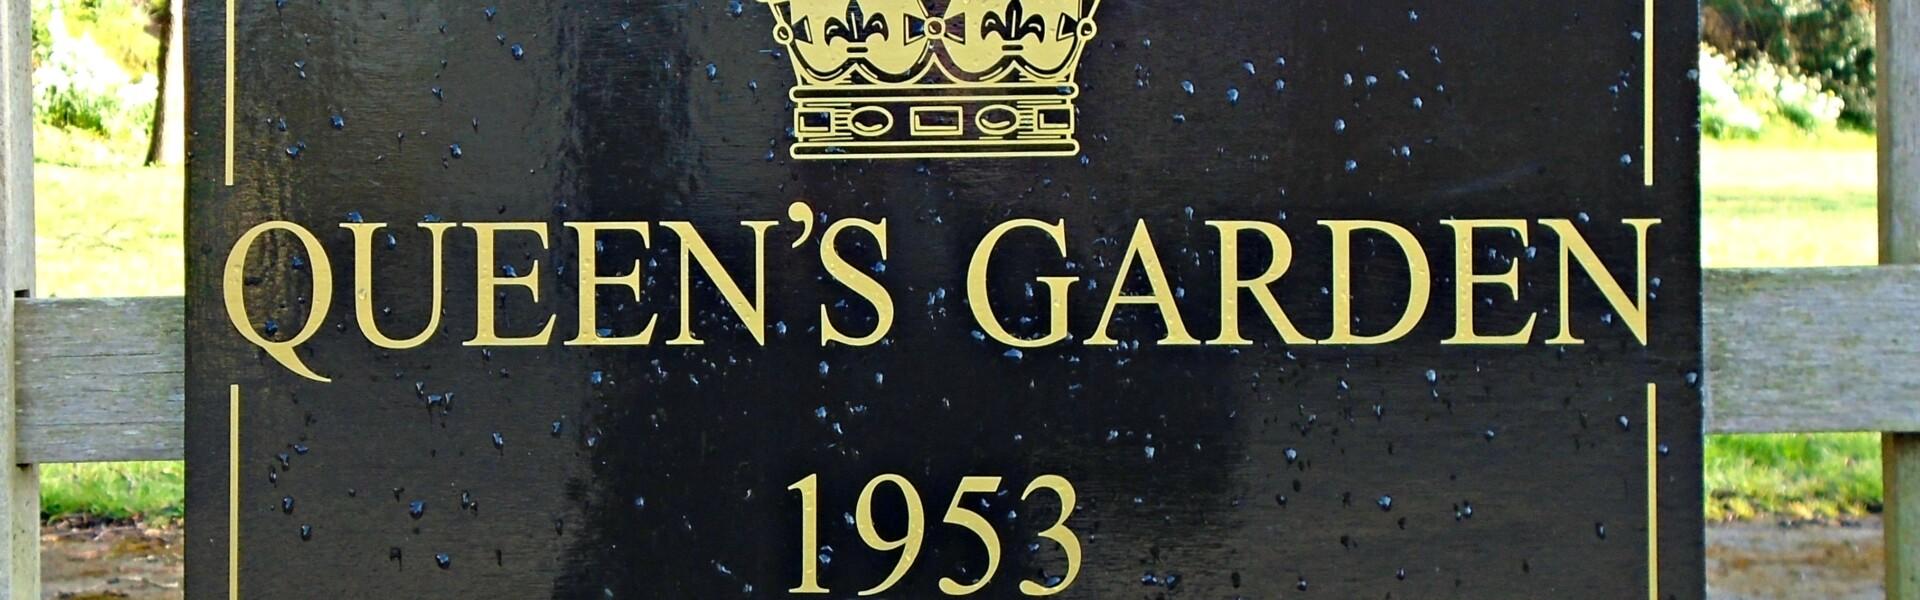 Sign, Queen's Garden 1953